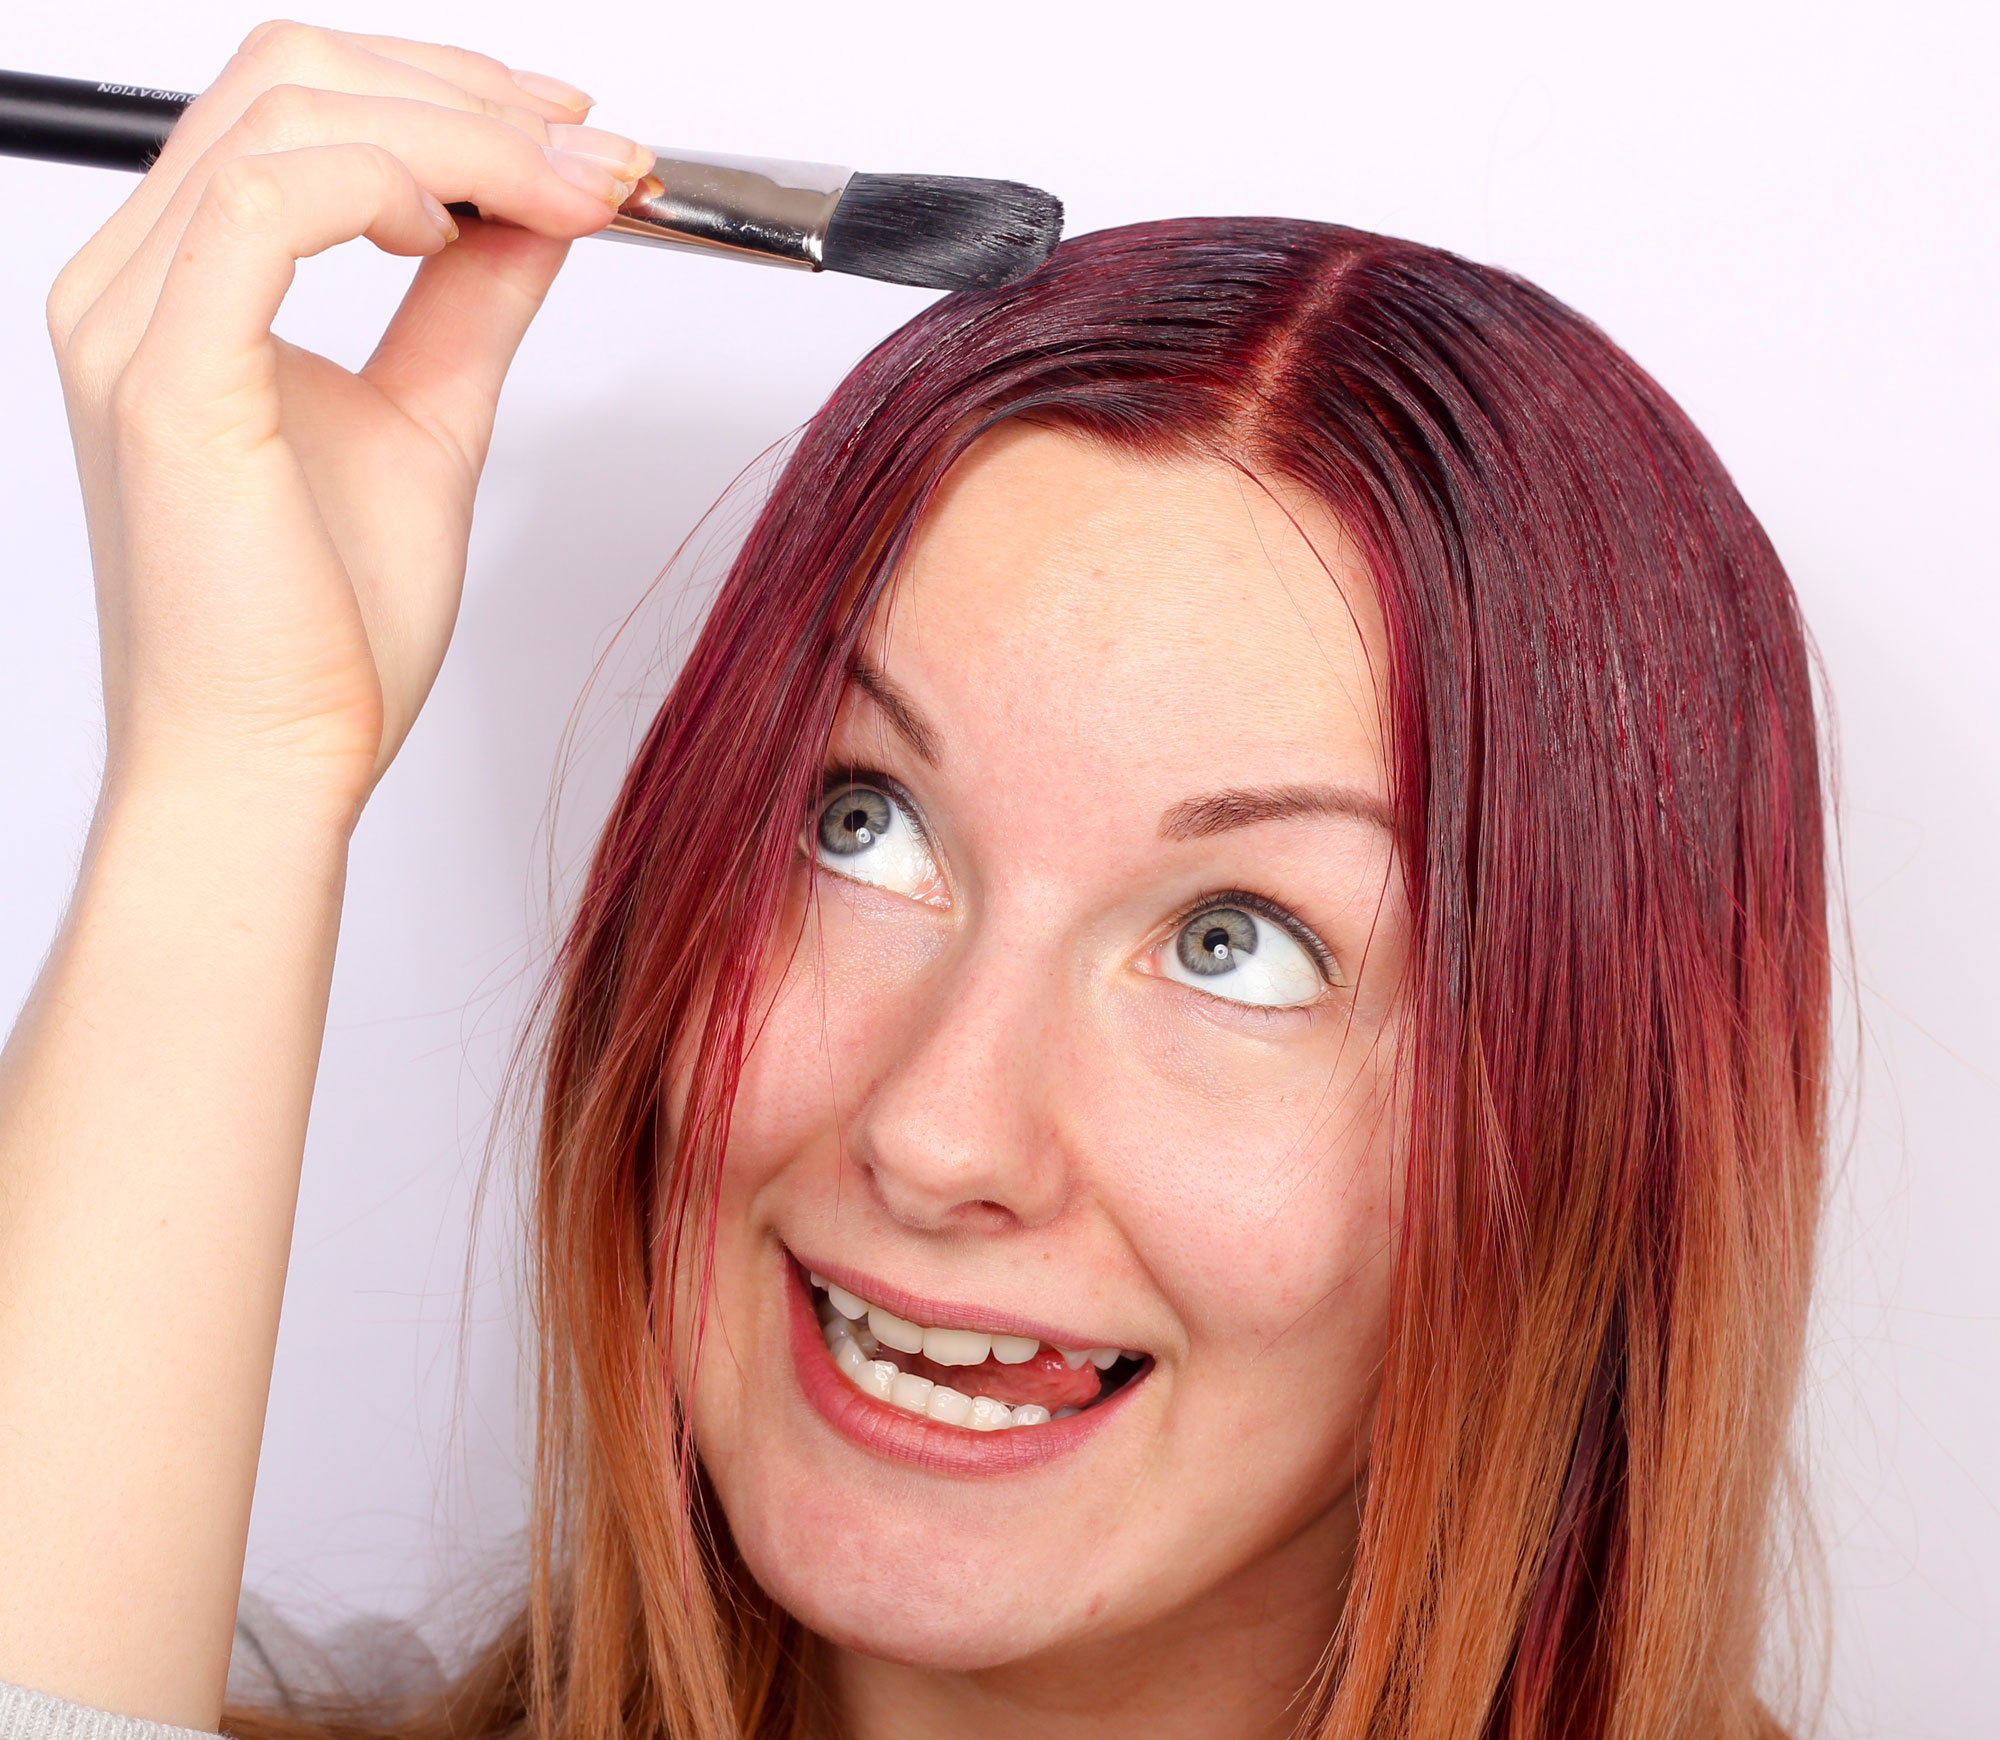 hårinpackning rött hår